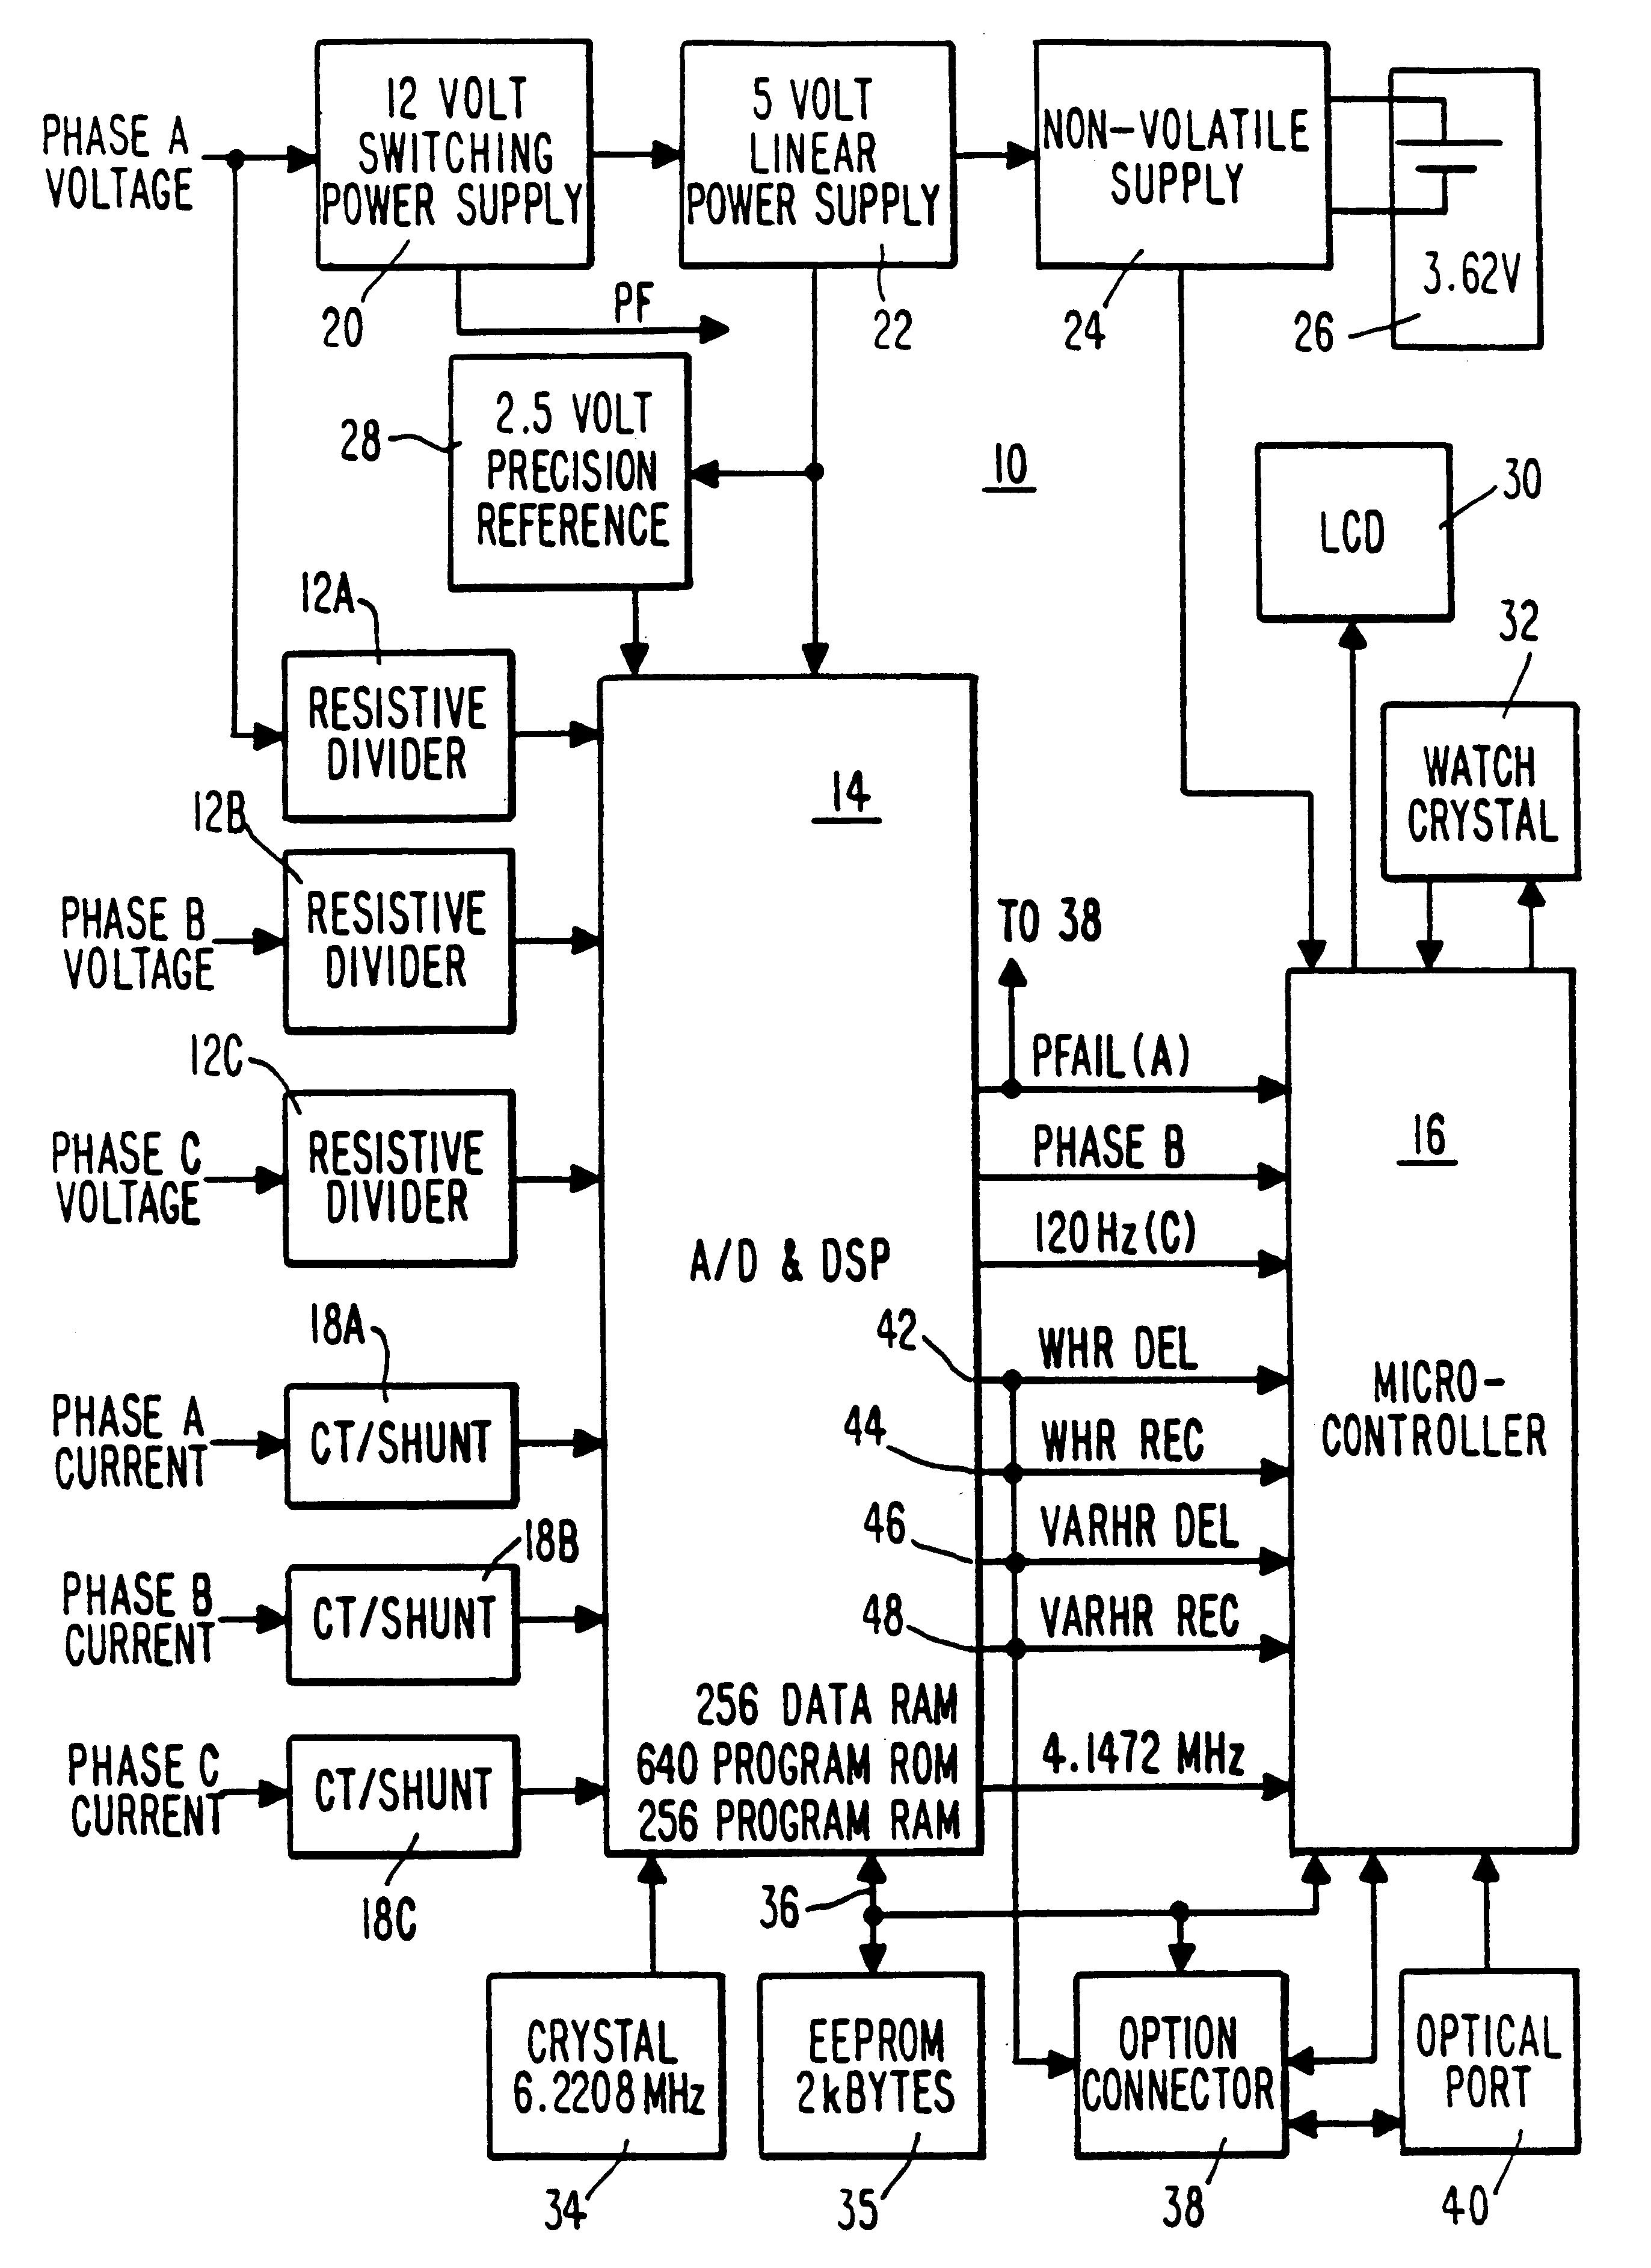 meter base wiring breaker panel wiring diagram database Meter Box Wiring Diagram 9 ct metering wiring diagram wiring diagram database breaker panel bus bar